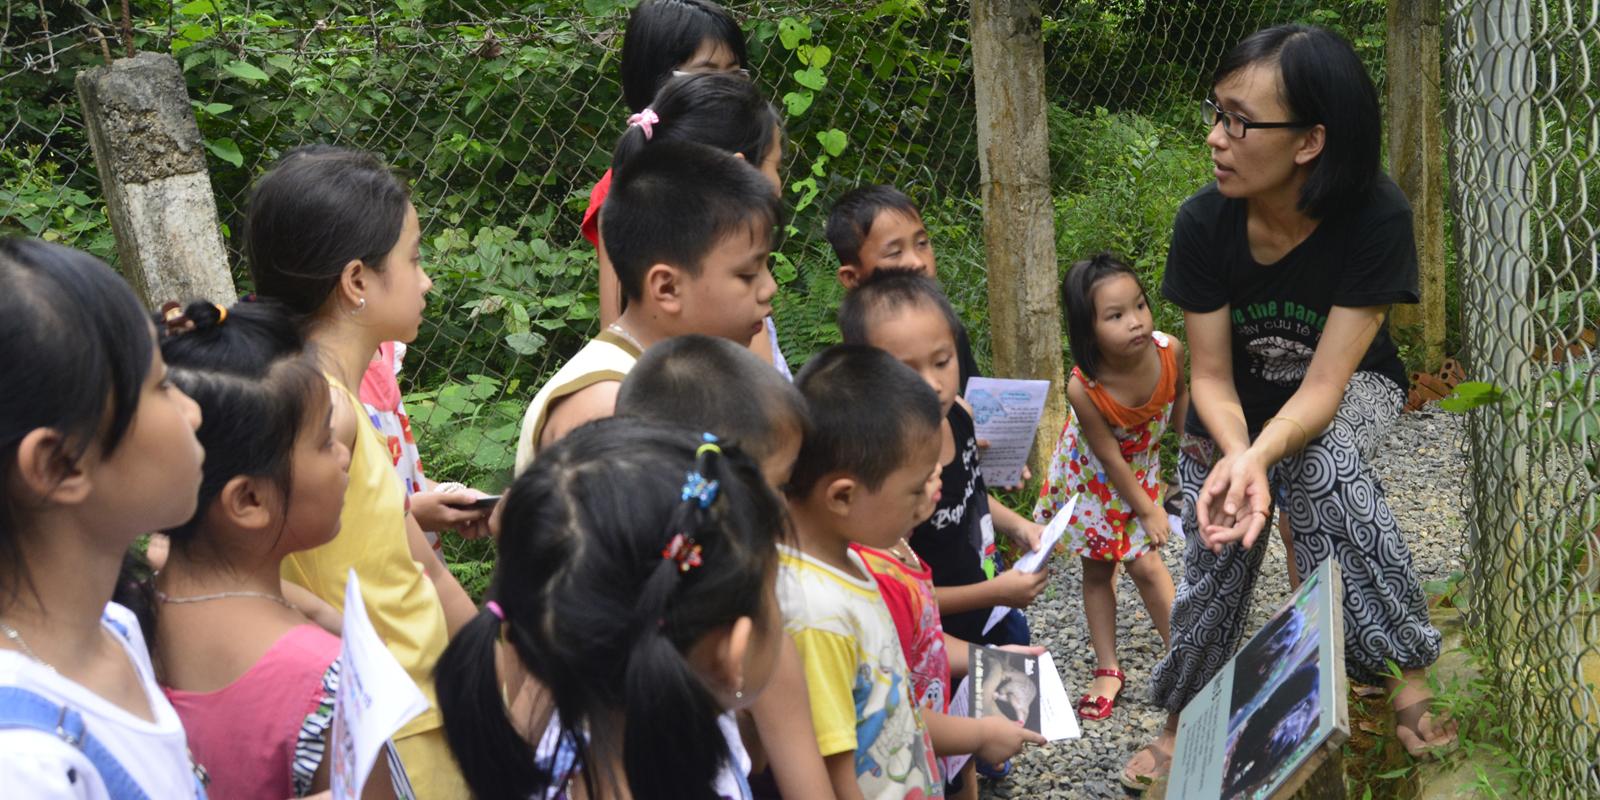 Kinder lernen im Rahmen eines Kinderbildungsprogramms Wissenswertes über die Wildtiere in Vietnam